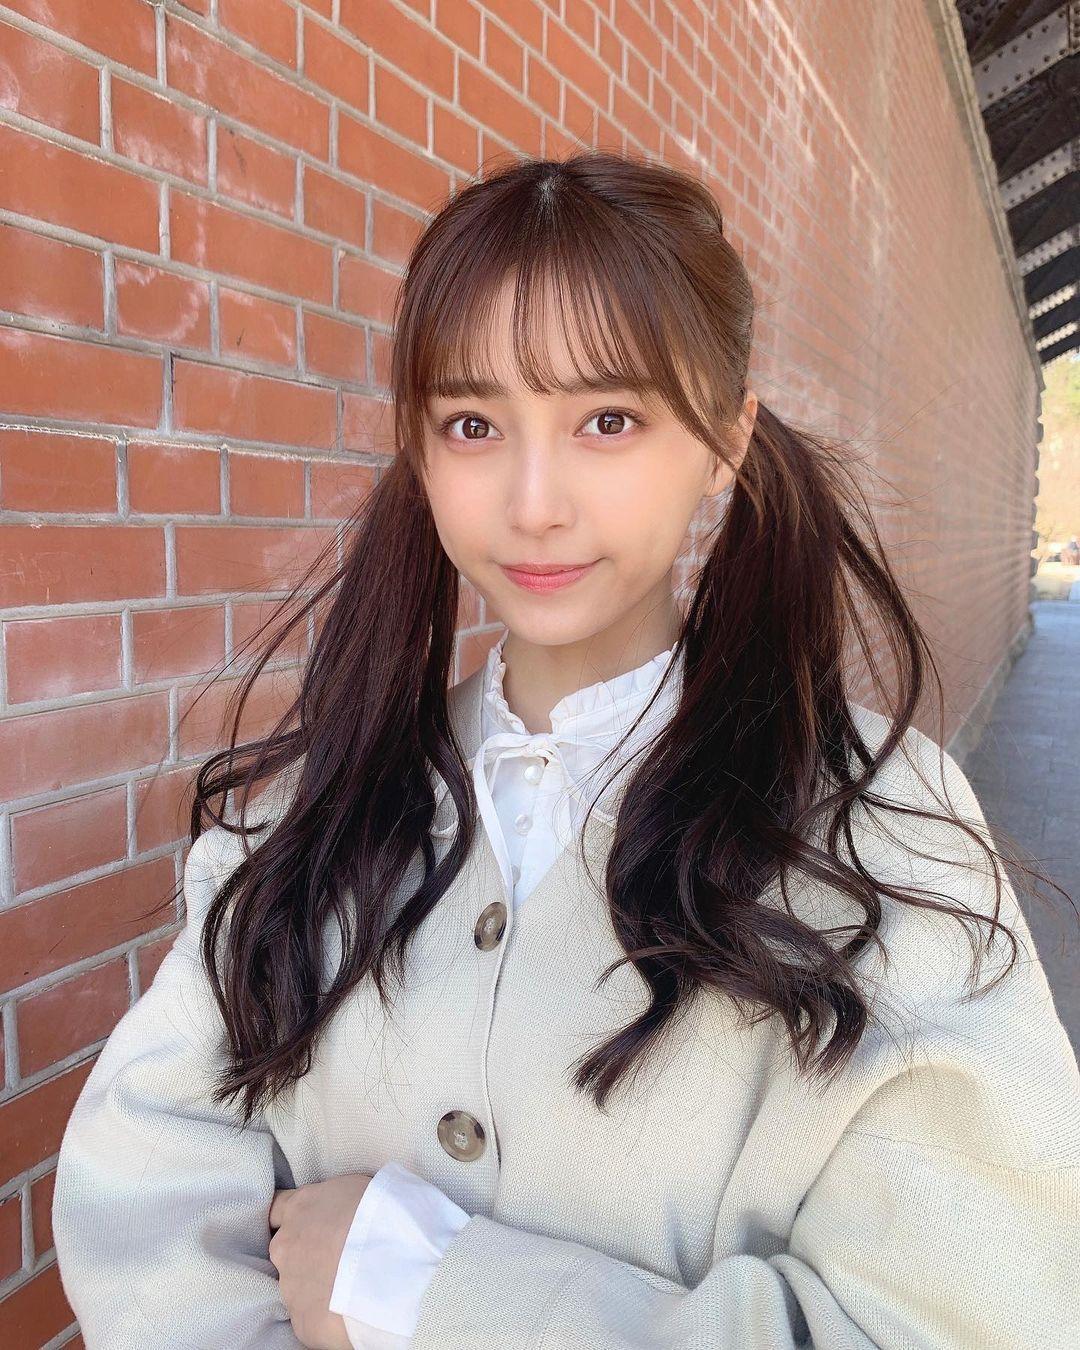 18 岁的青春魅力.清新美女「小山璃奈」高中一毕业就解放长腿 养眼图片 第7张